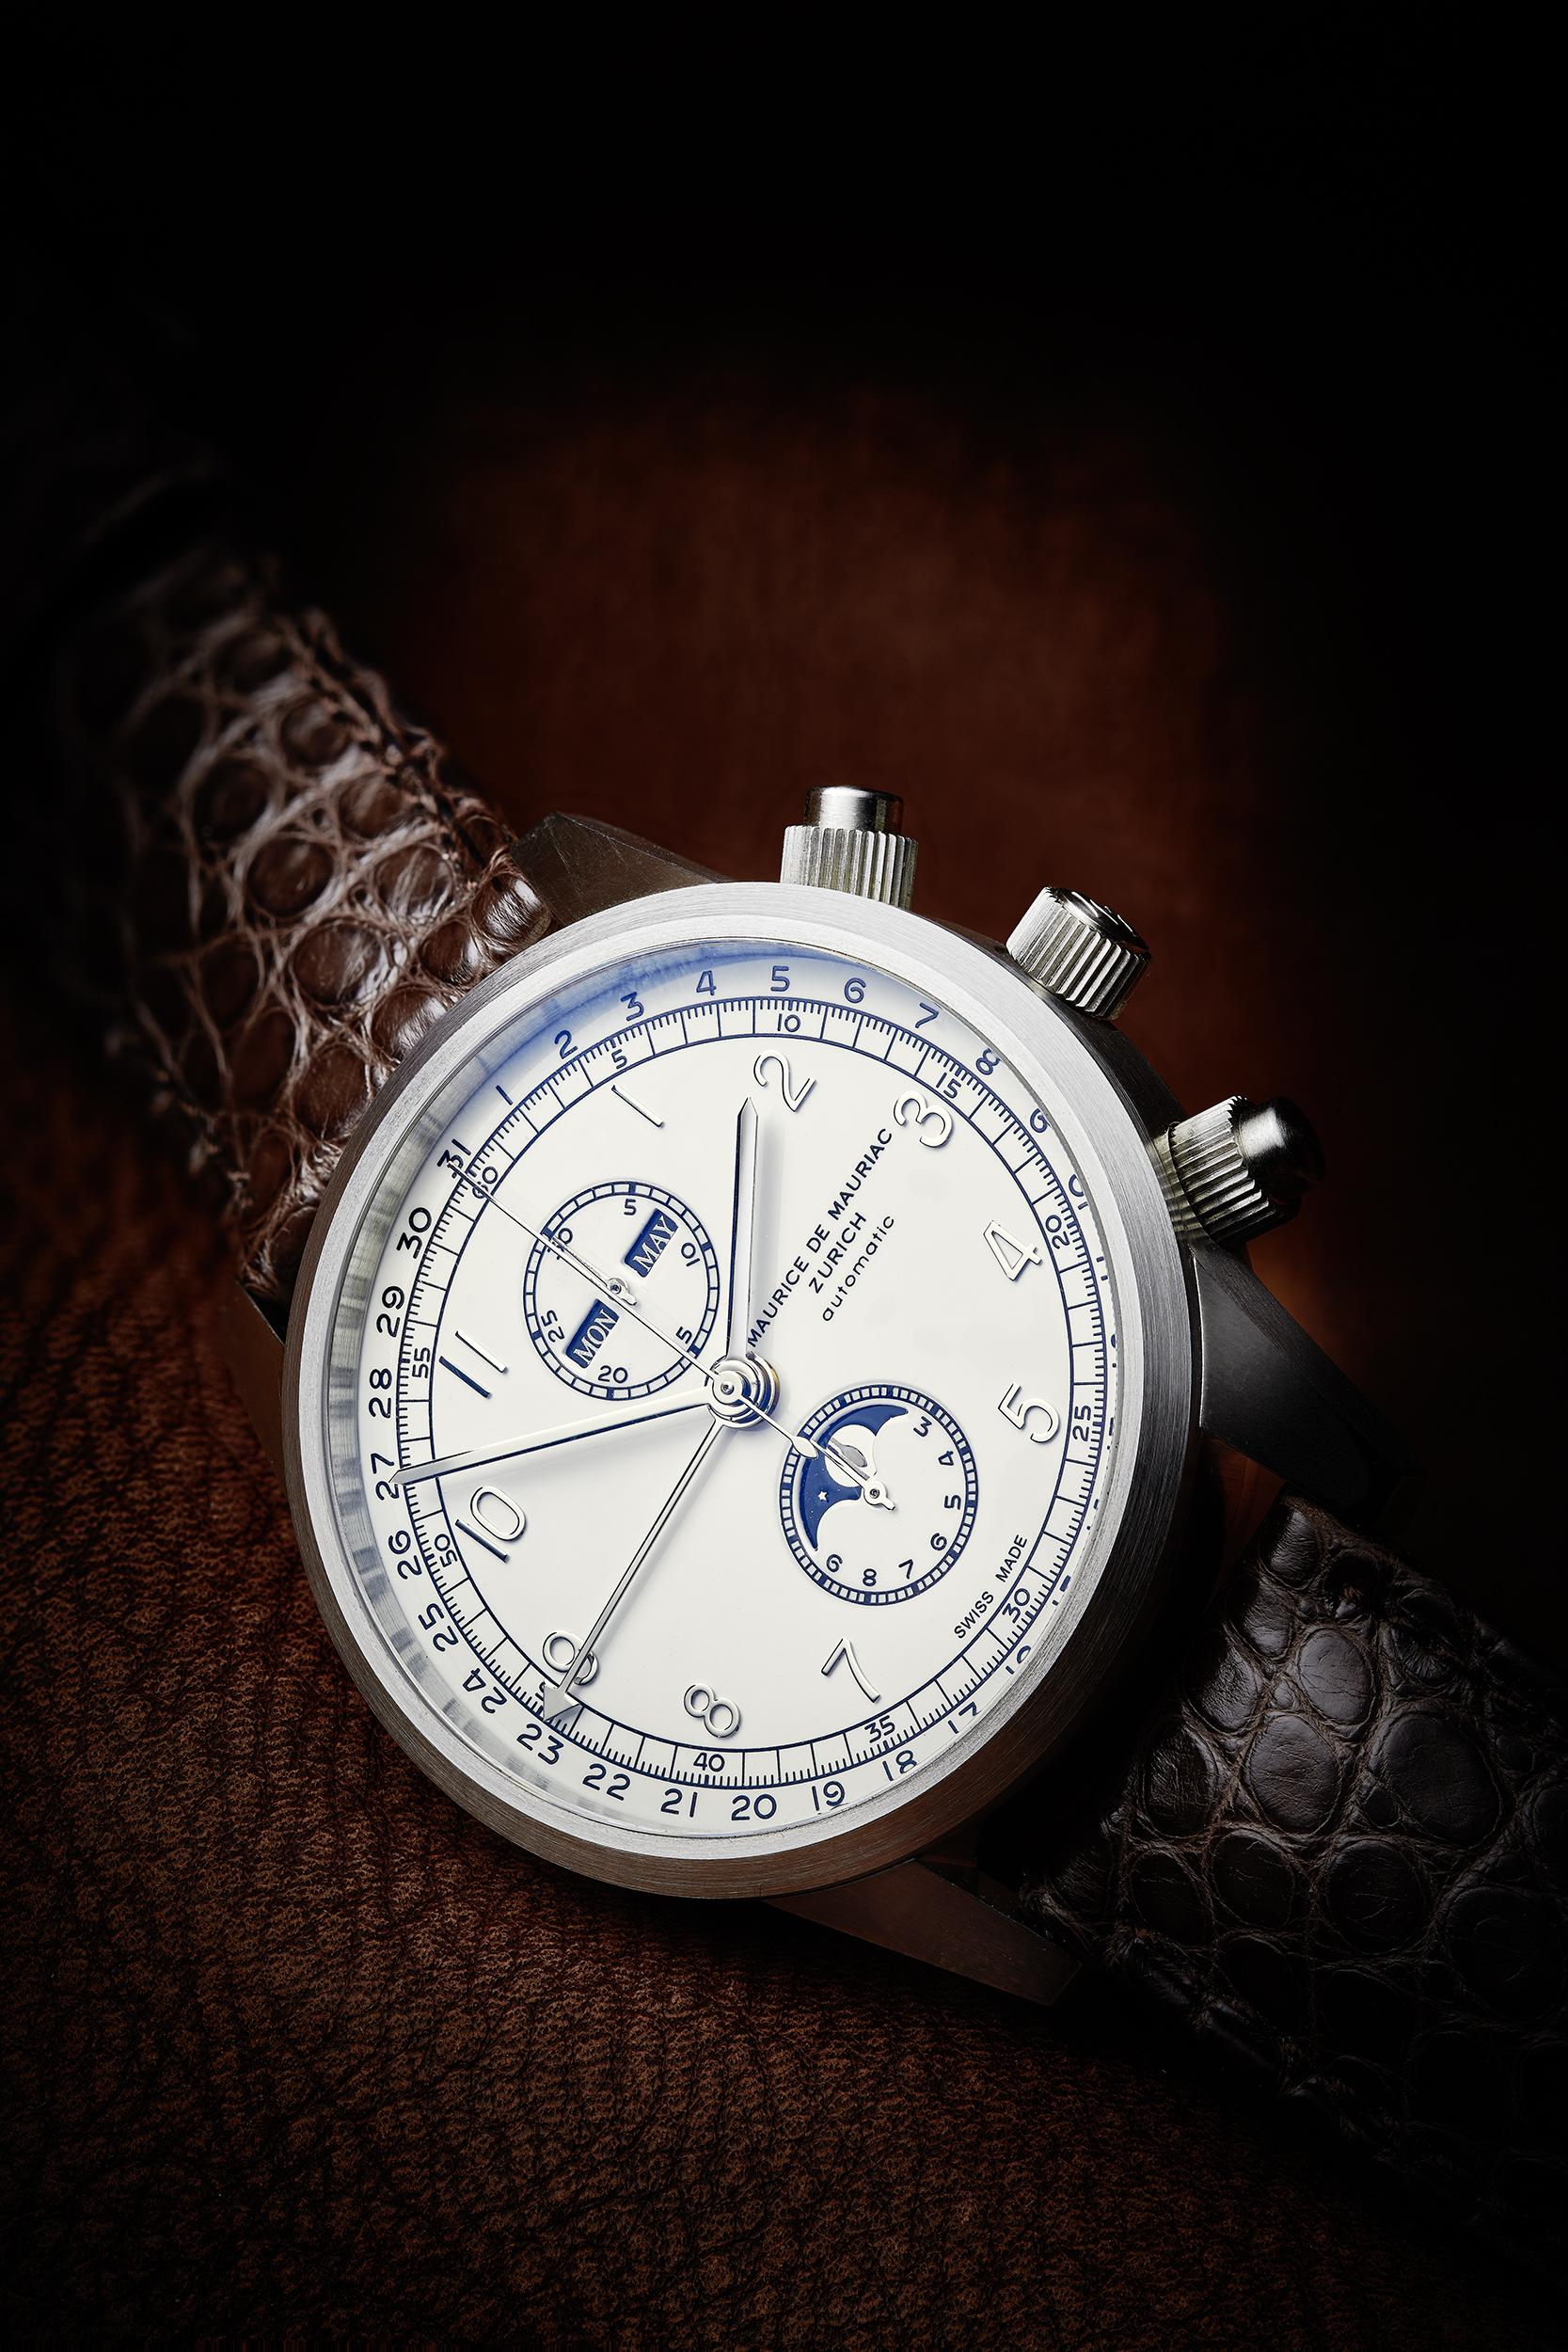 Mondphasenuhr, Maurice de Mauriac, Uhrenfotografie, Zürich, Schweiz